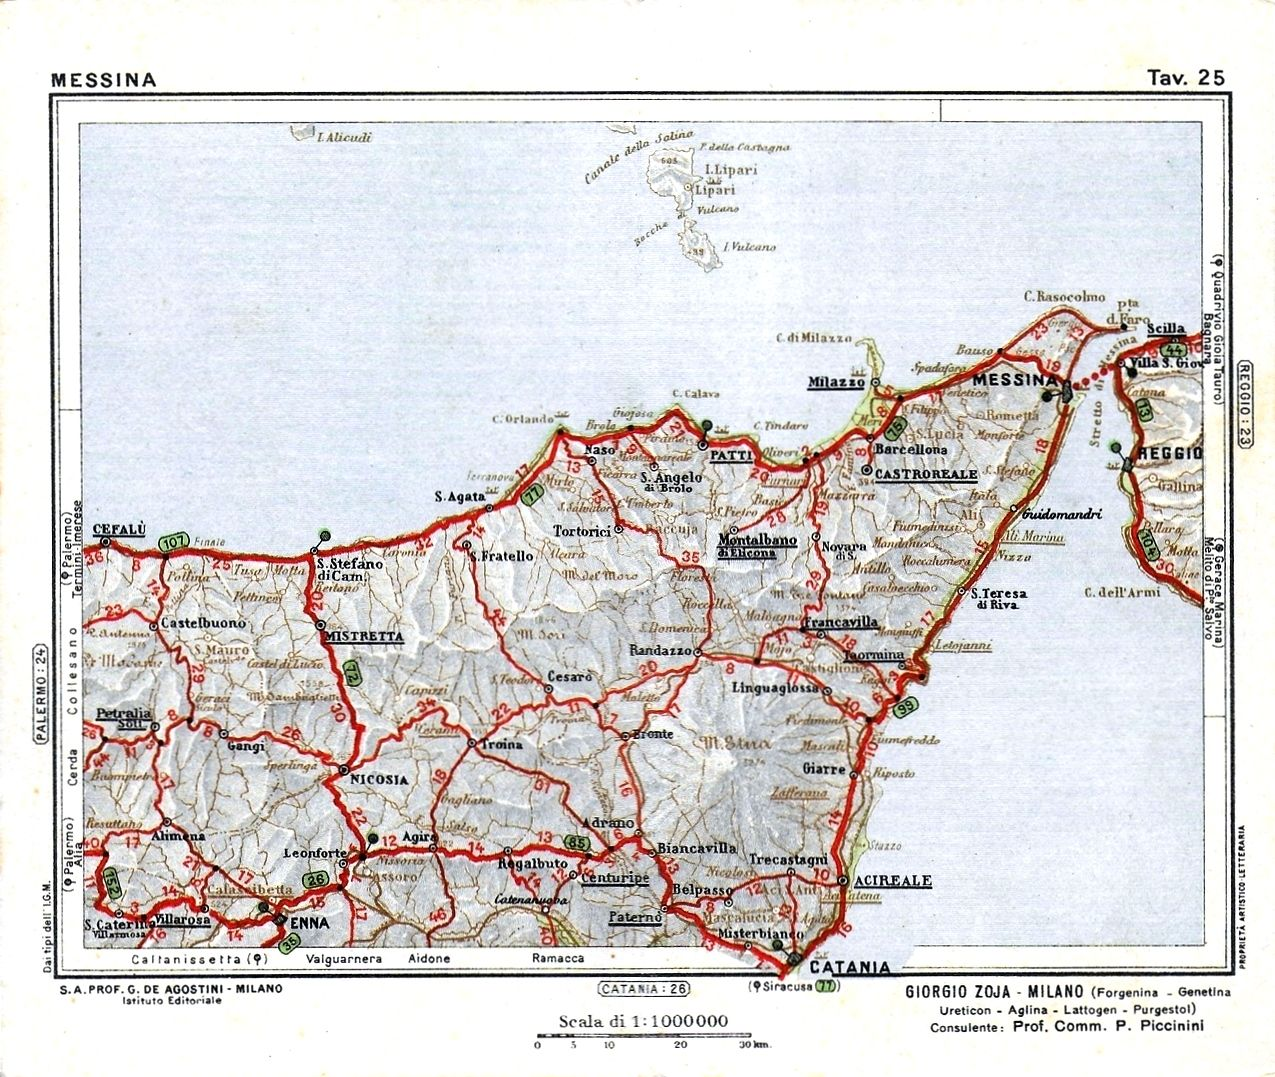 Cartina Geografica Napoli E Dintorni.Cartina Geografica Della Provincia Di Messina Nel 1932 Messina Mappe Immagini